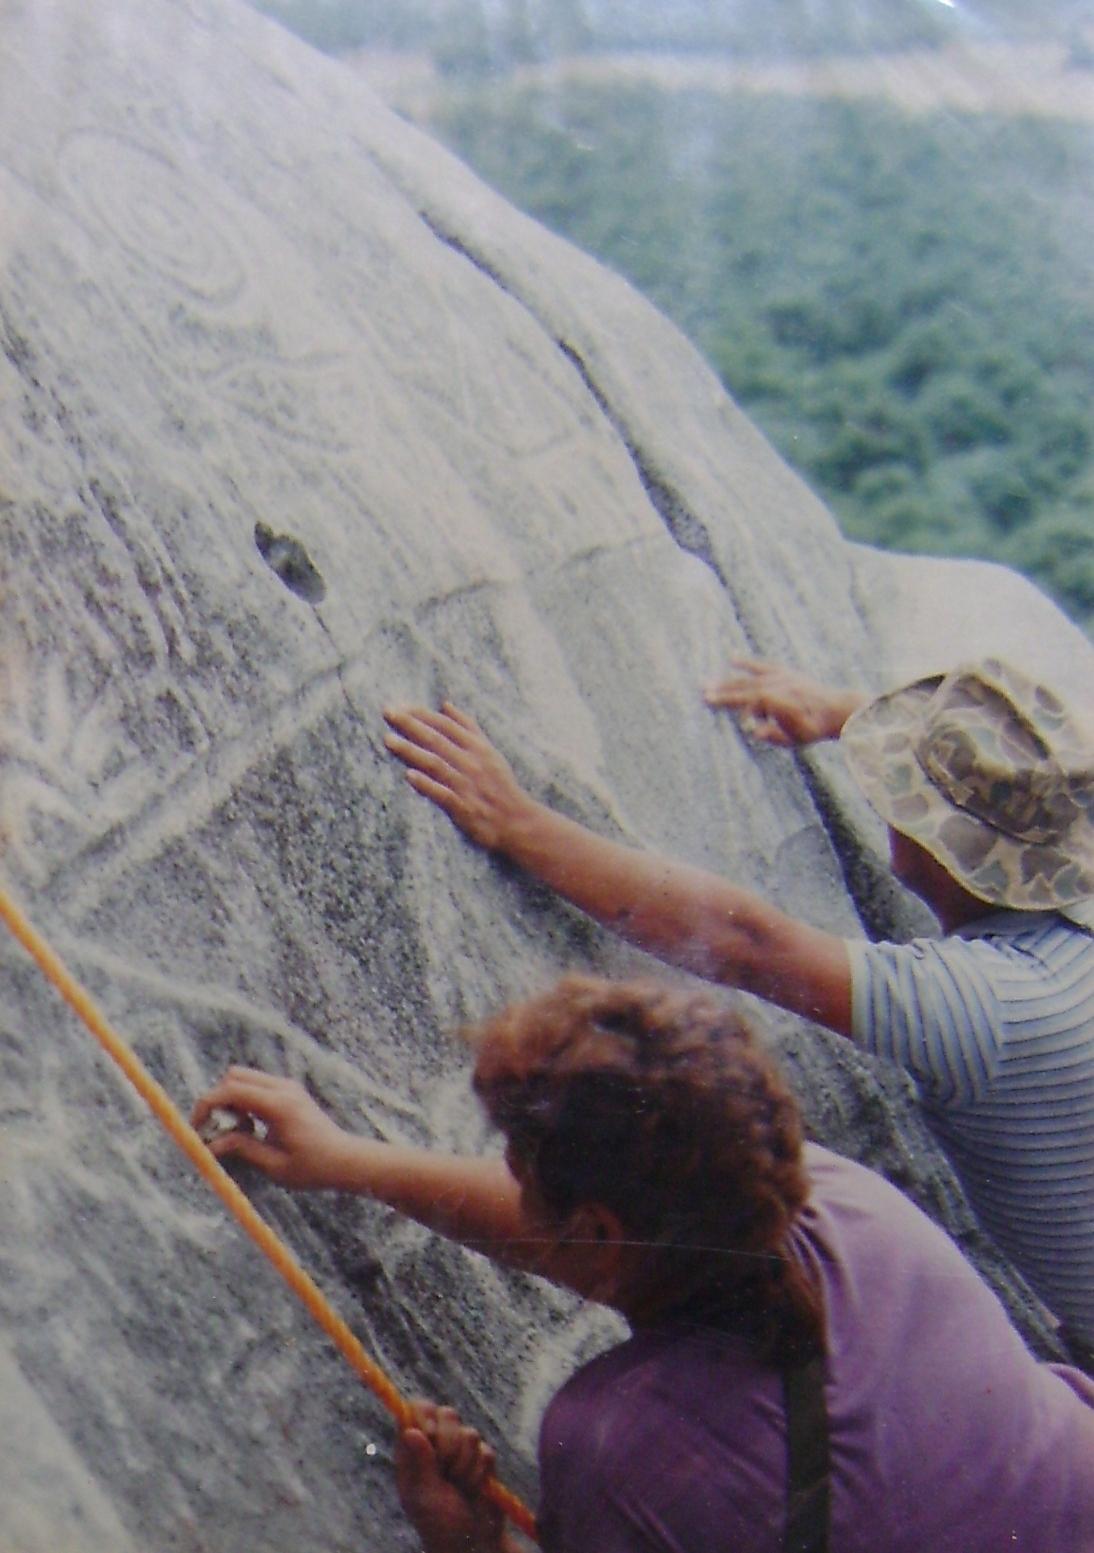 Un cerrito de Petróglifos Verdadero tesoro en Piedras 2mx493b